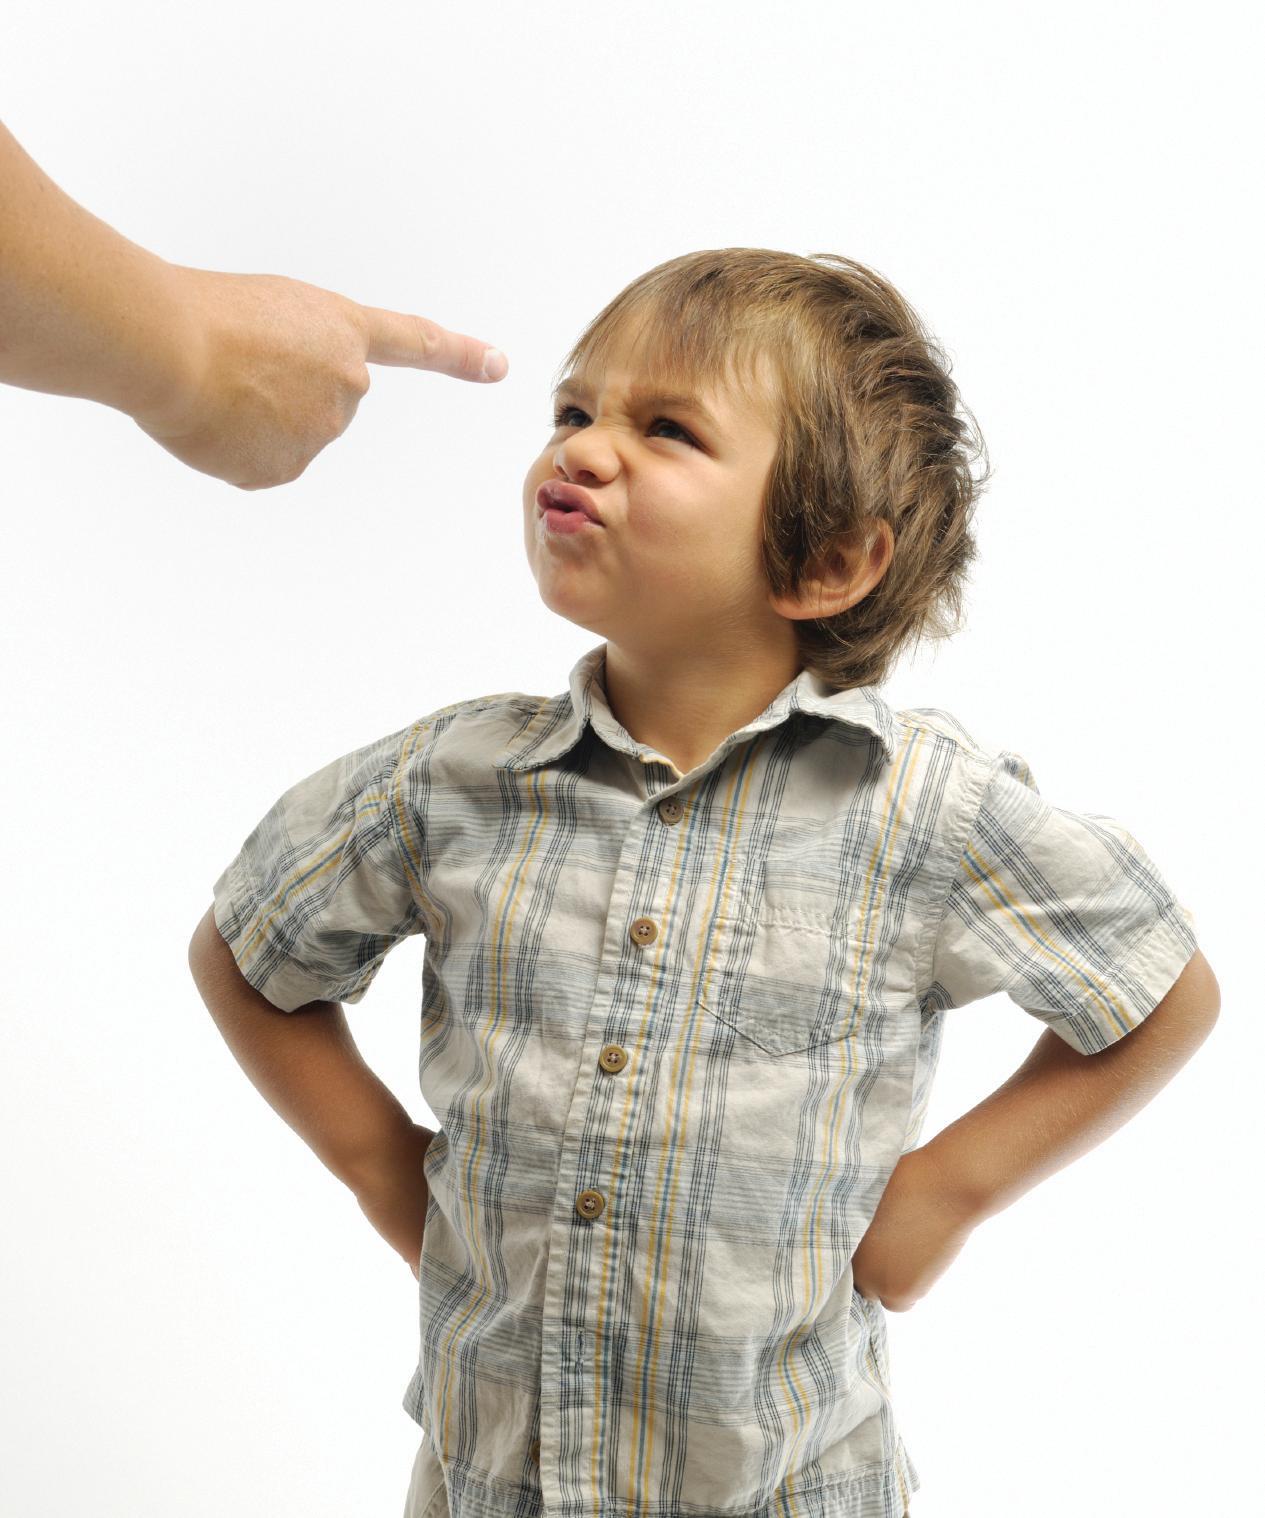 Bambini, regole e limiti, sempre necessari?